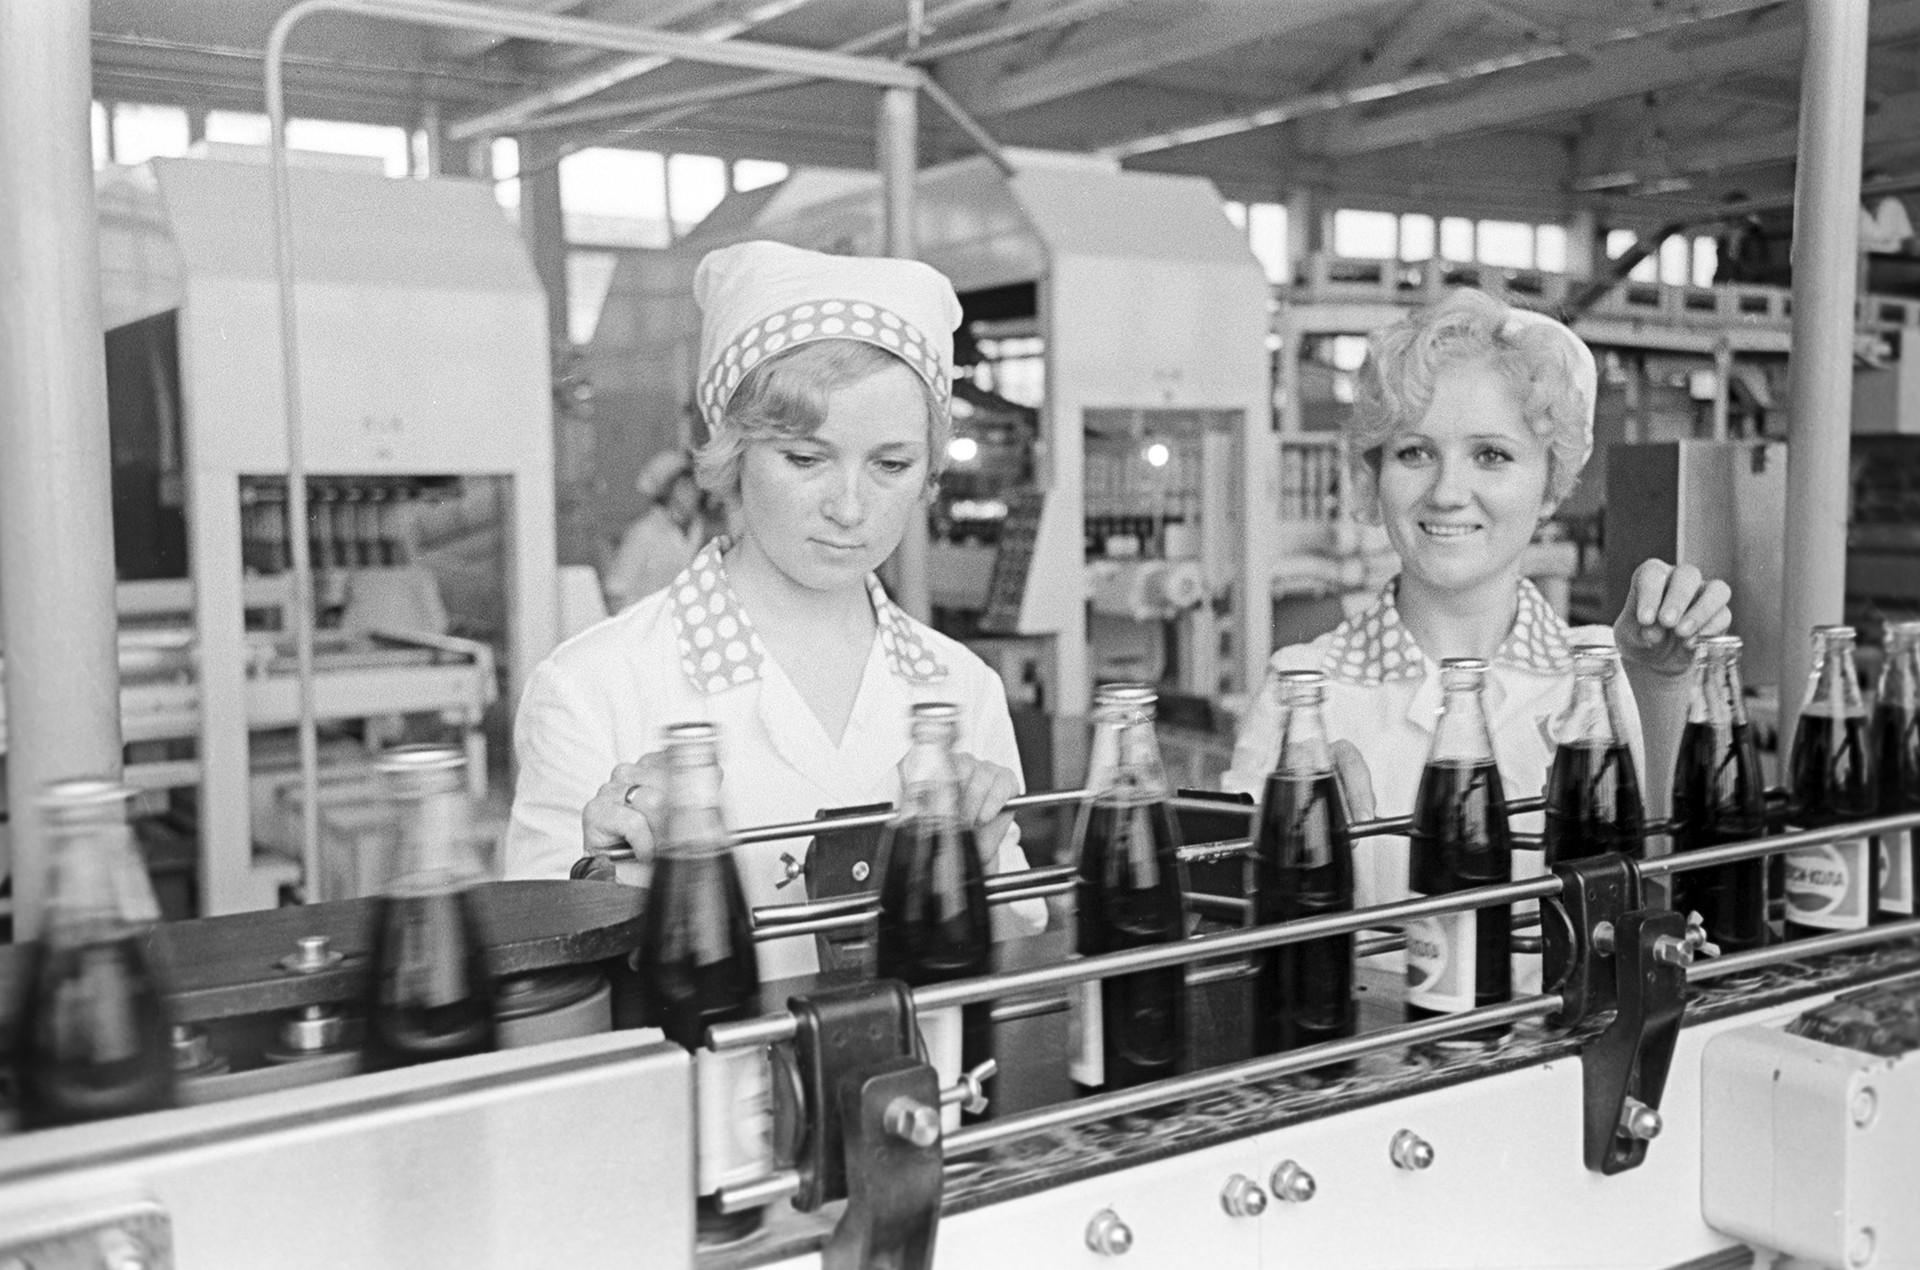 """Фабрика за пиво во Новоросијск. Производна линија на """"Пепси-кола"""", 1974 година."""